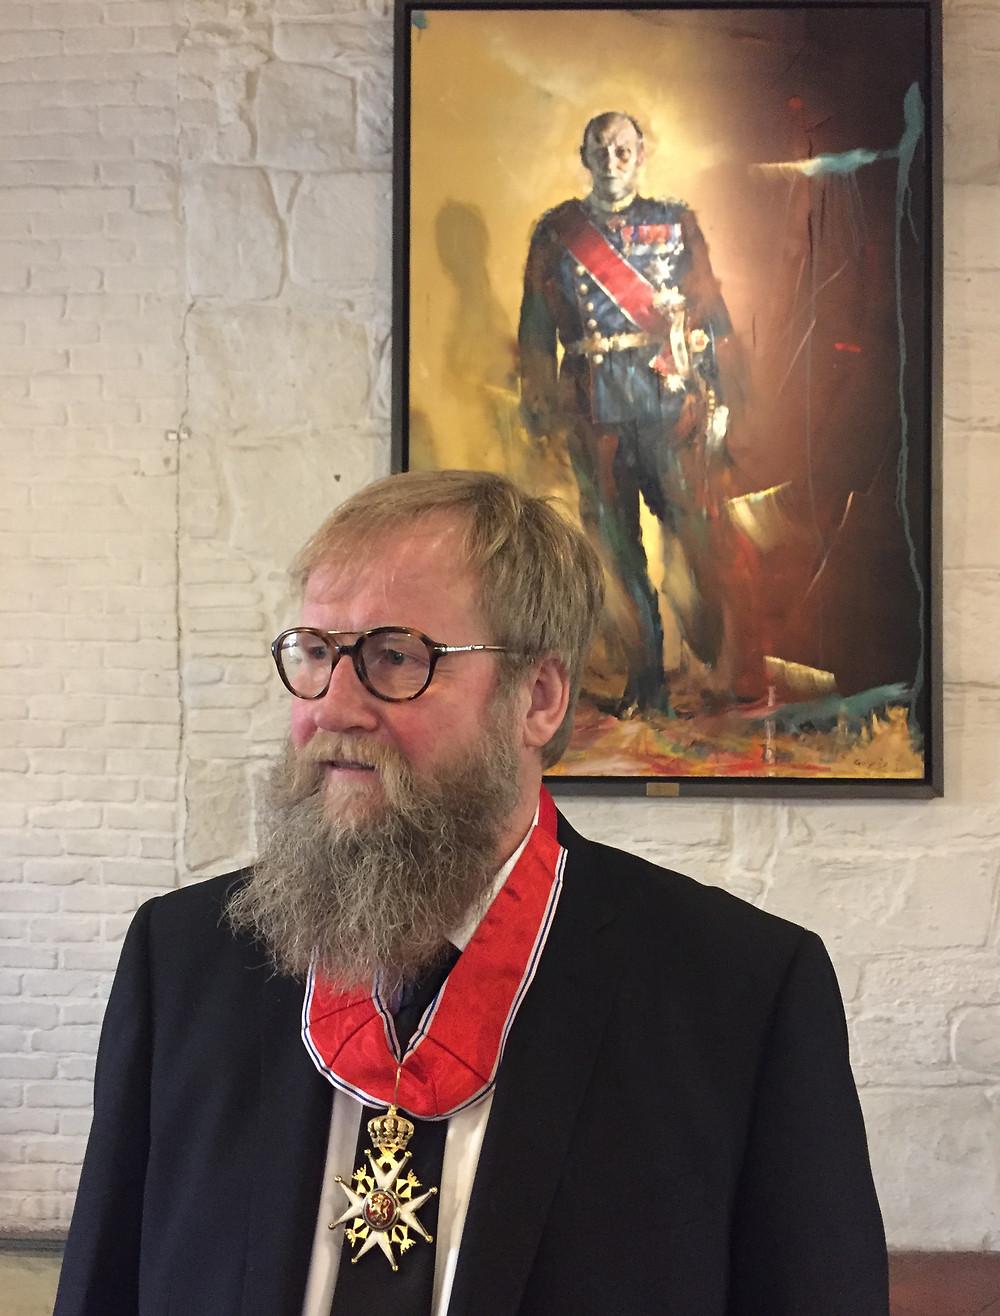 Håkon Gullvåg foran sitt maleri av kong Harald V i Erkebispegården i Trondheim, under overrekkelsen av ordenstegnet som kommandør av St. Olavs Orden 30. januar 2016 Foto: Steinar Larsen